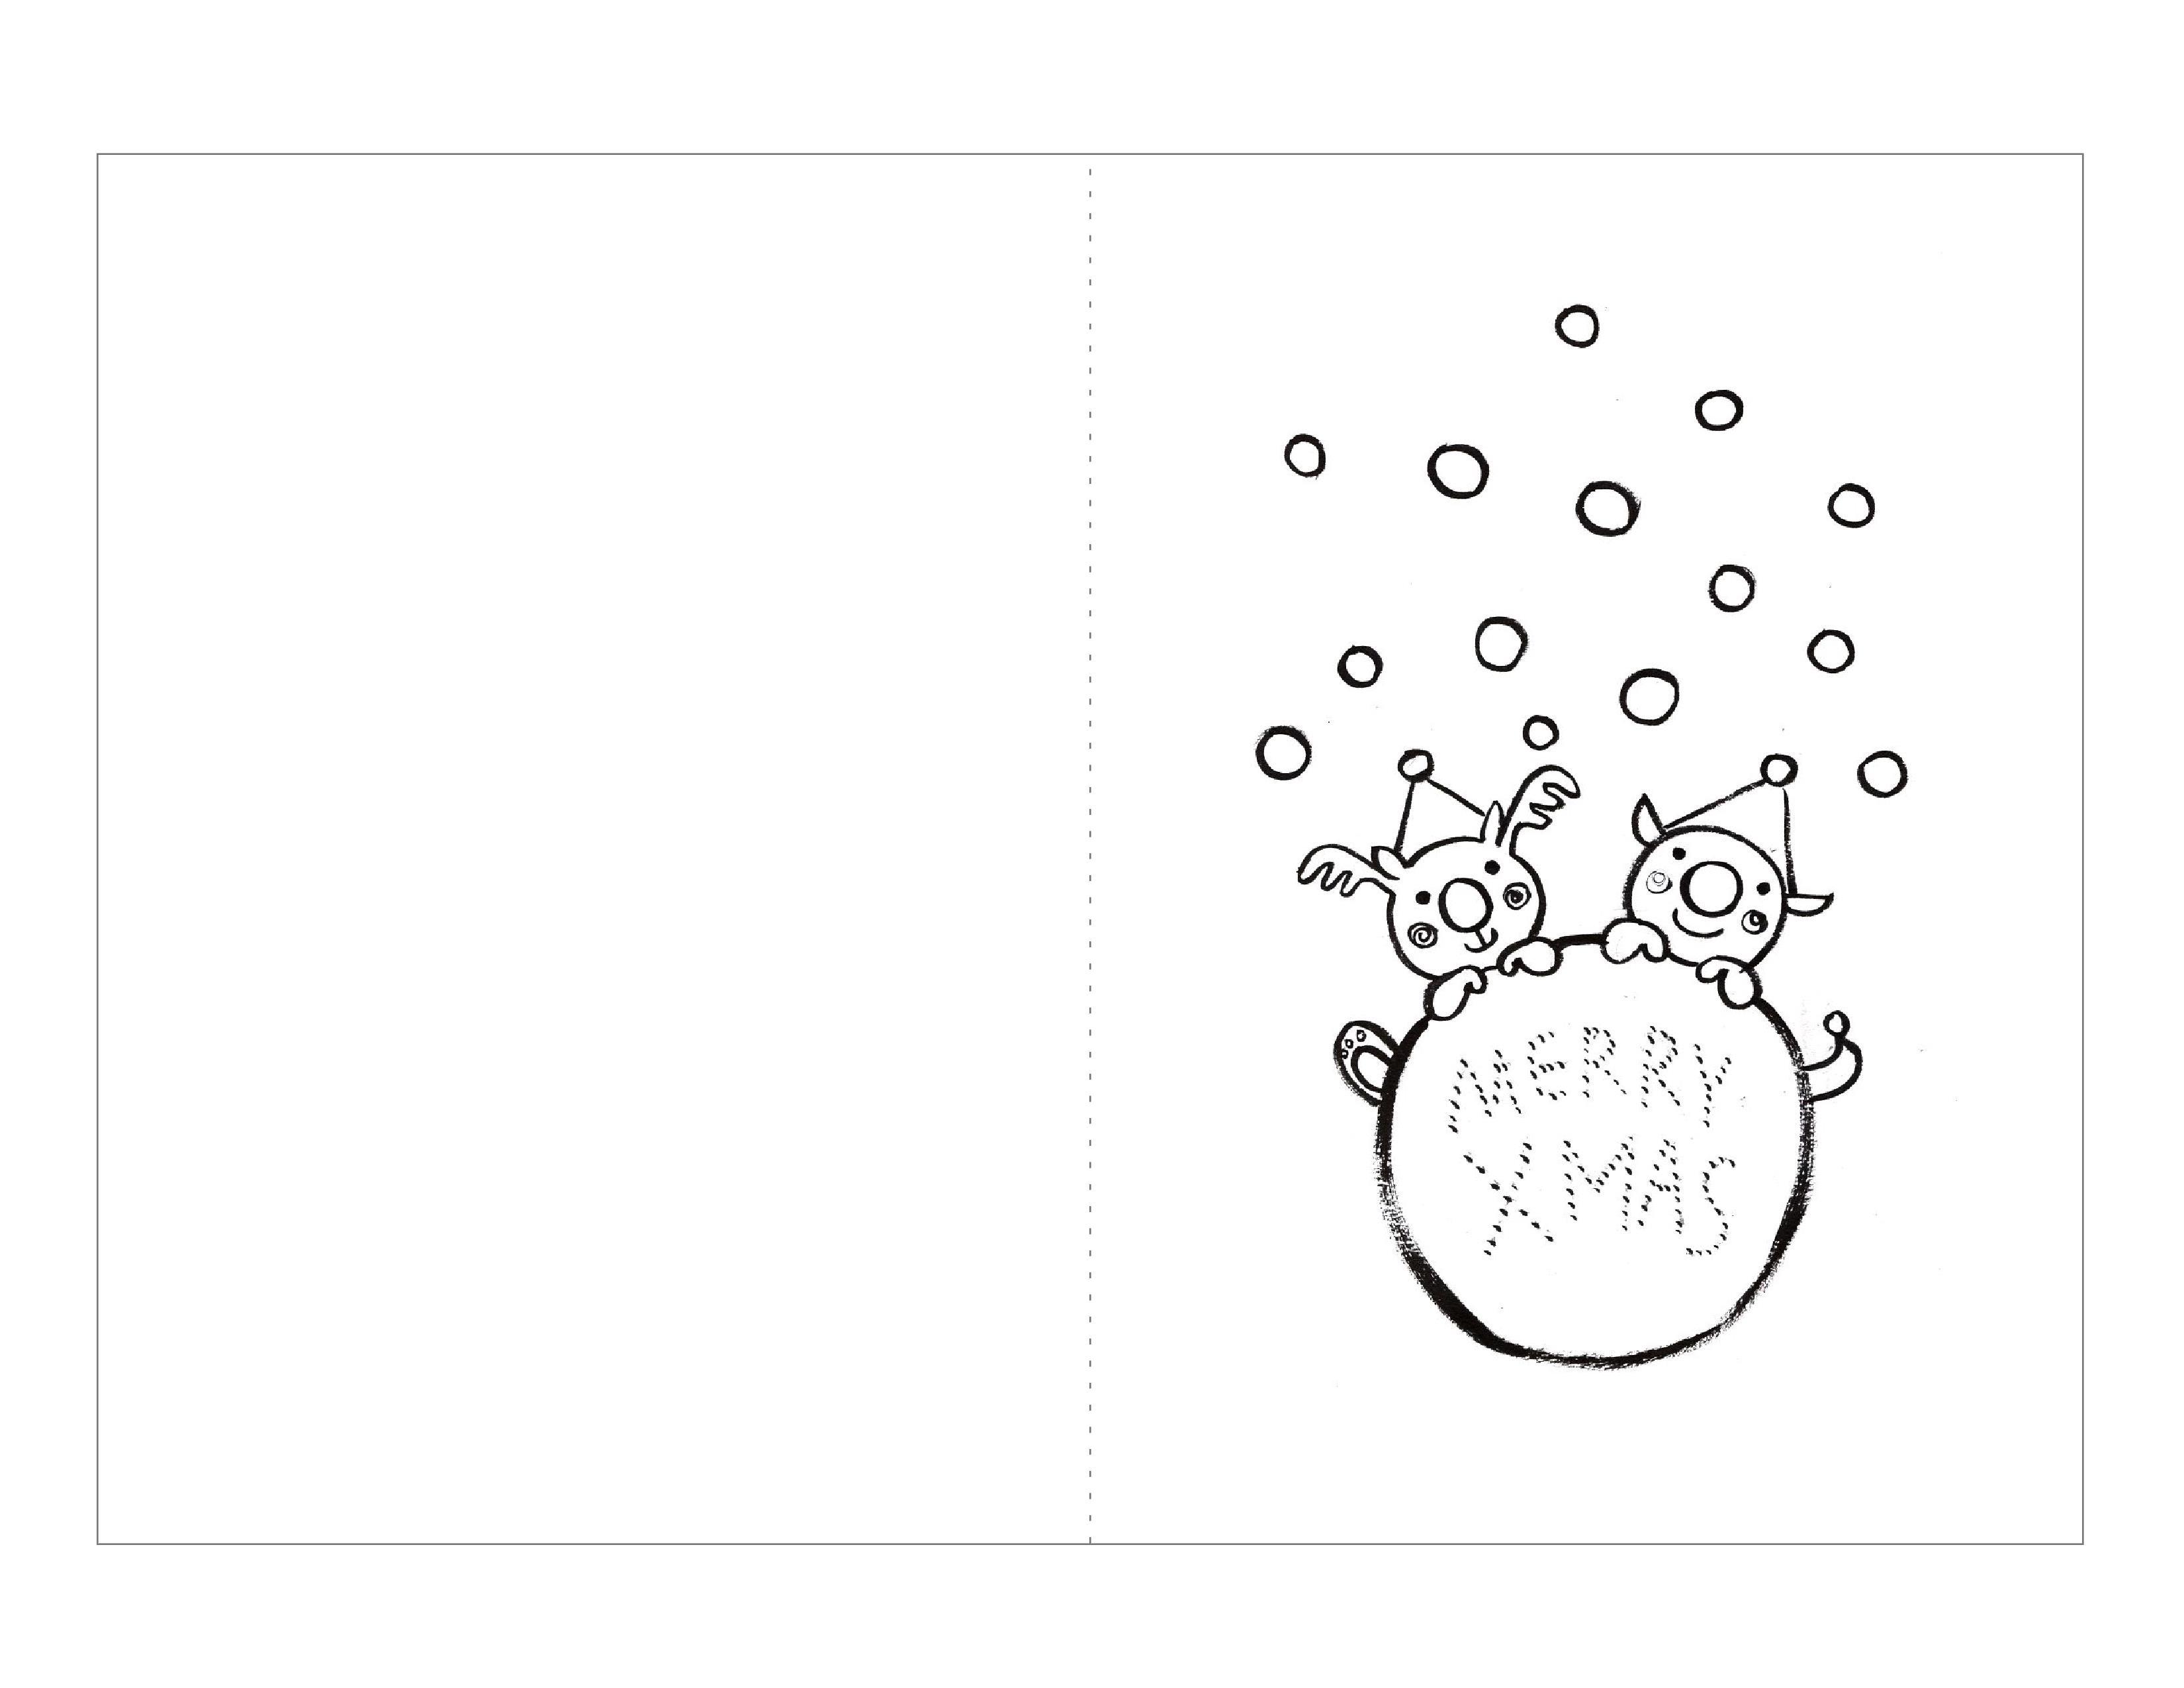 дютьково распечатать шаблоны открытки на новый год мои